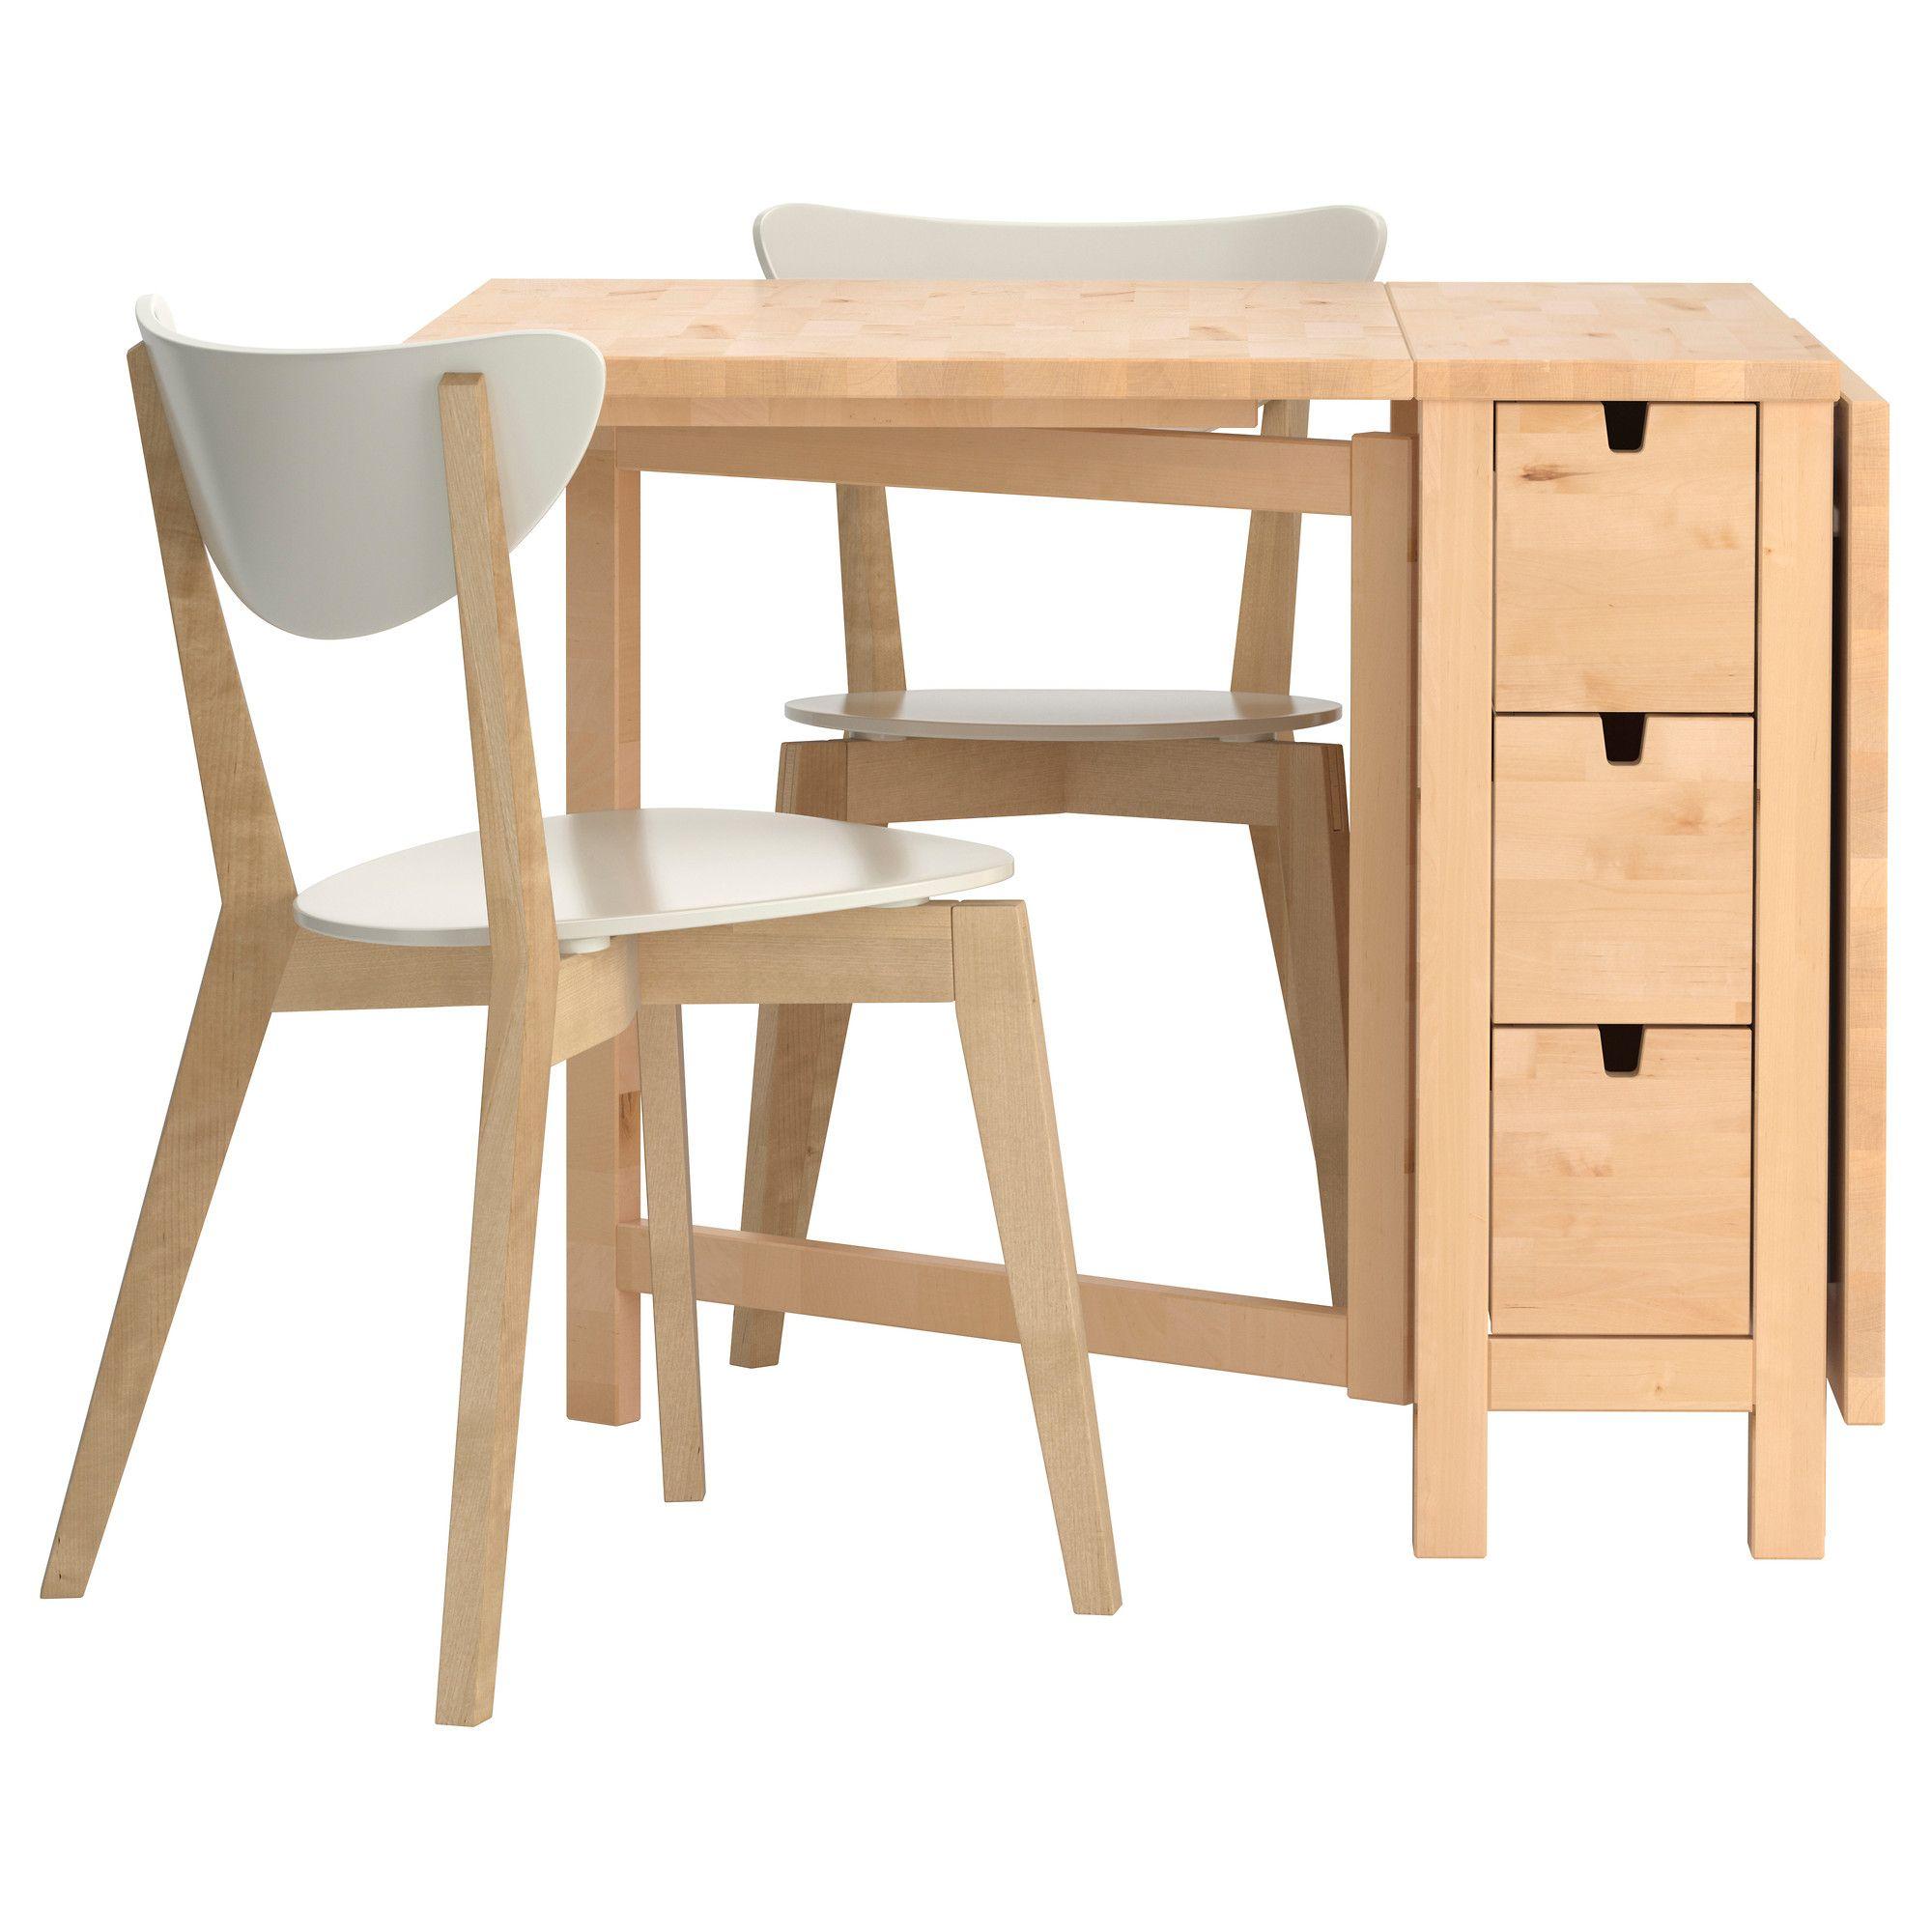 Norden/nordmyra Table Et 2 Chaises - Ikea   Table Salle À intérieur Table Salle A Manger Pliante Ikea